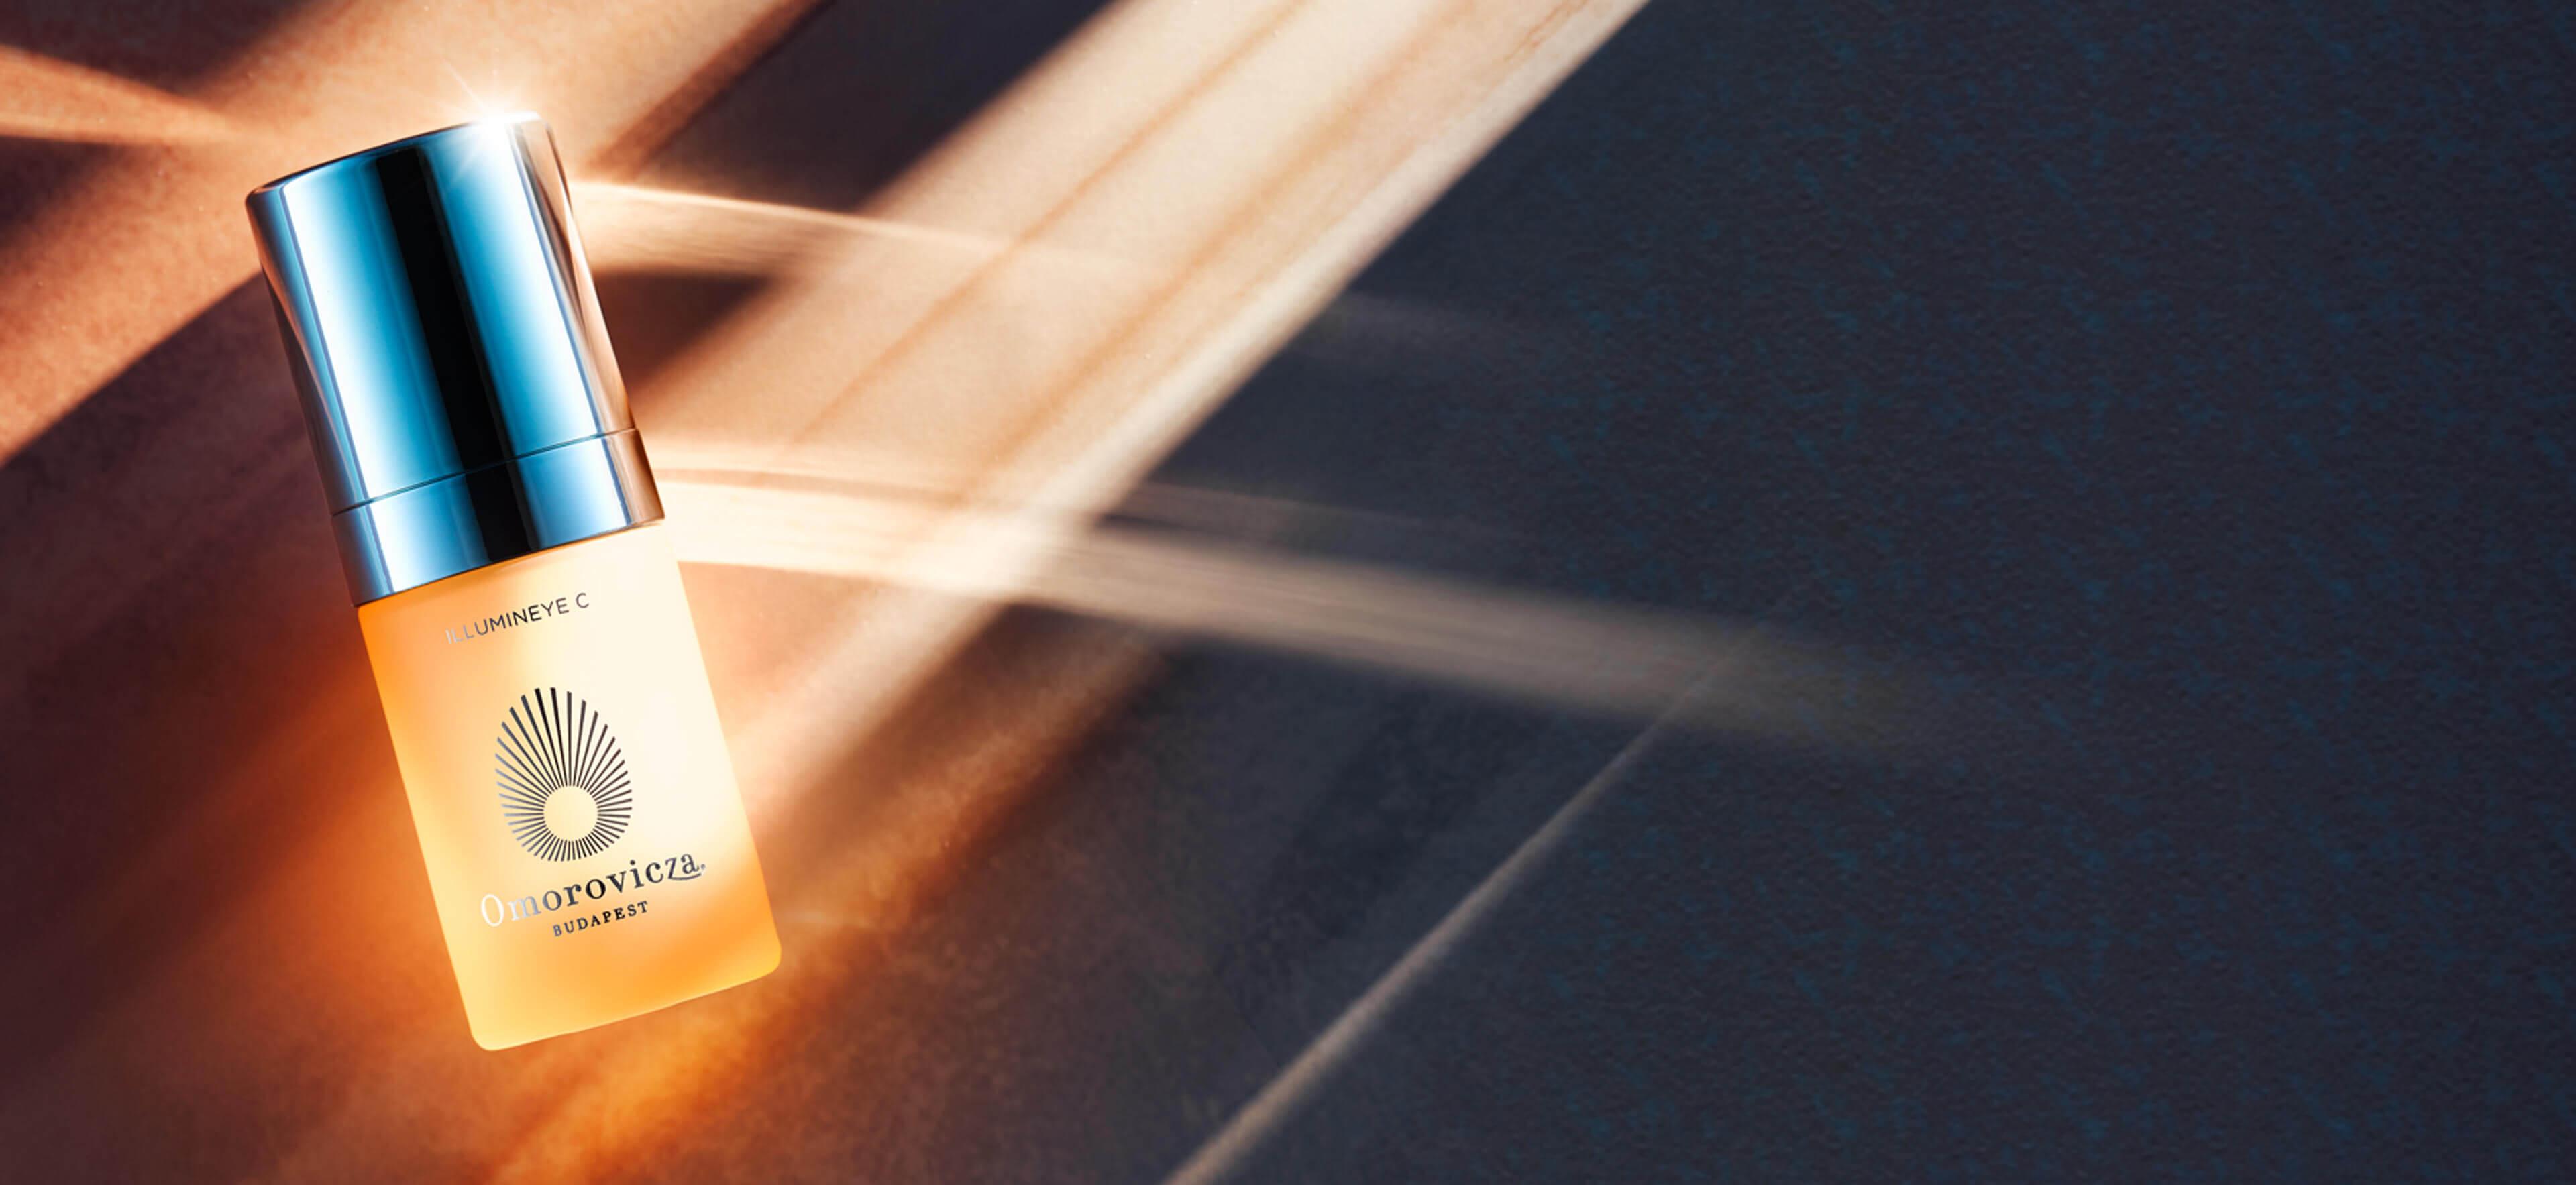 Illumineye C auf Goldhintergrund